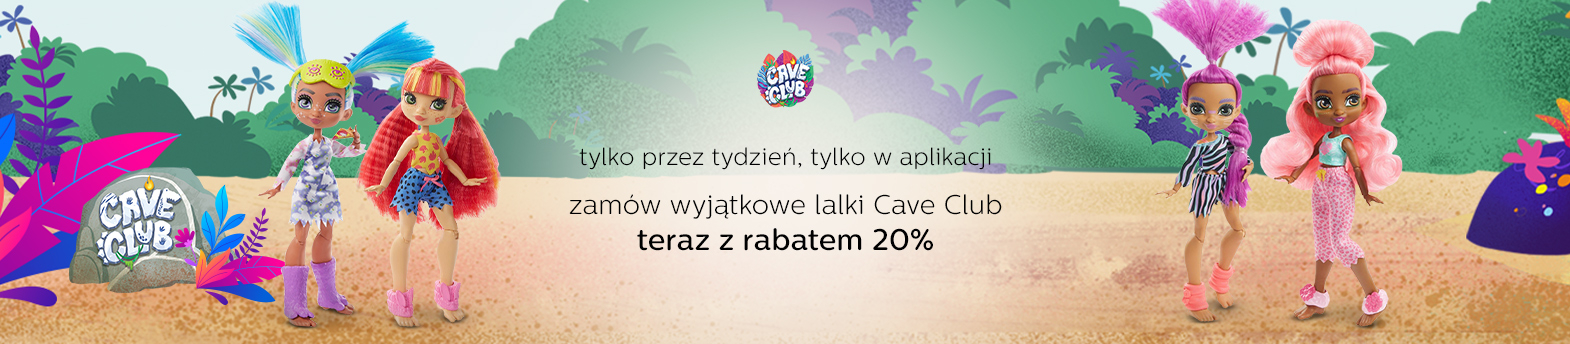 Cave Club -20% w aplikacji